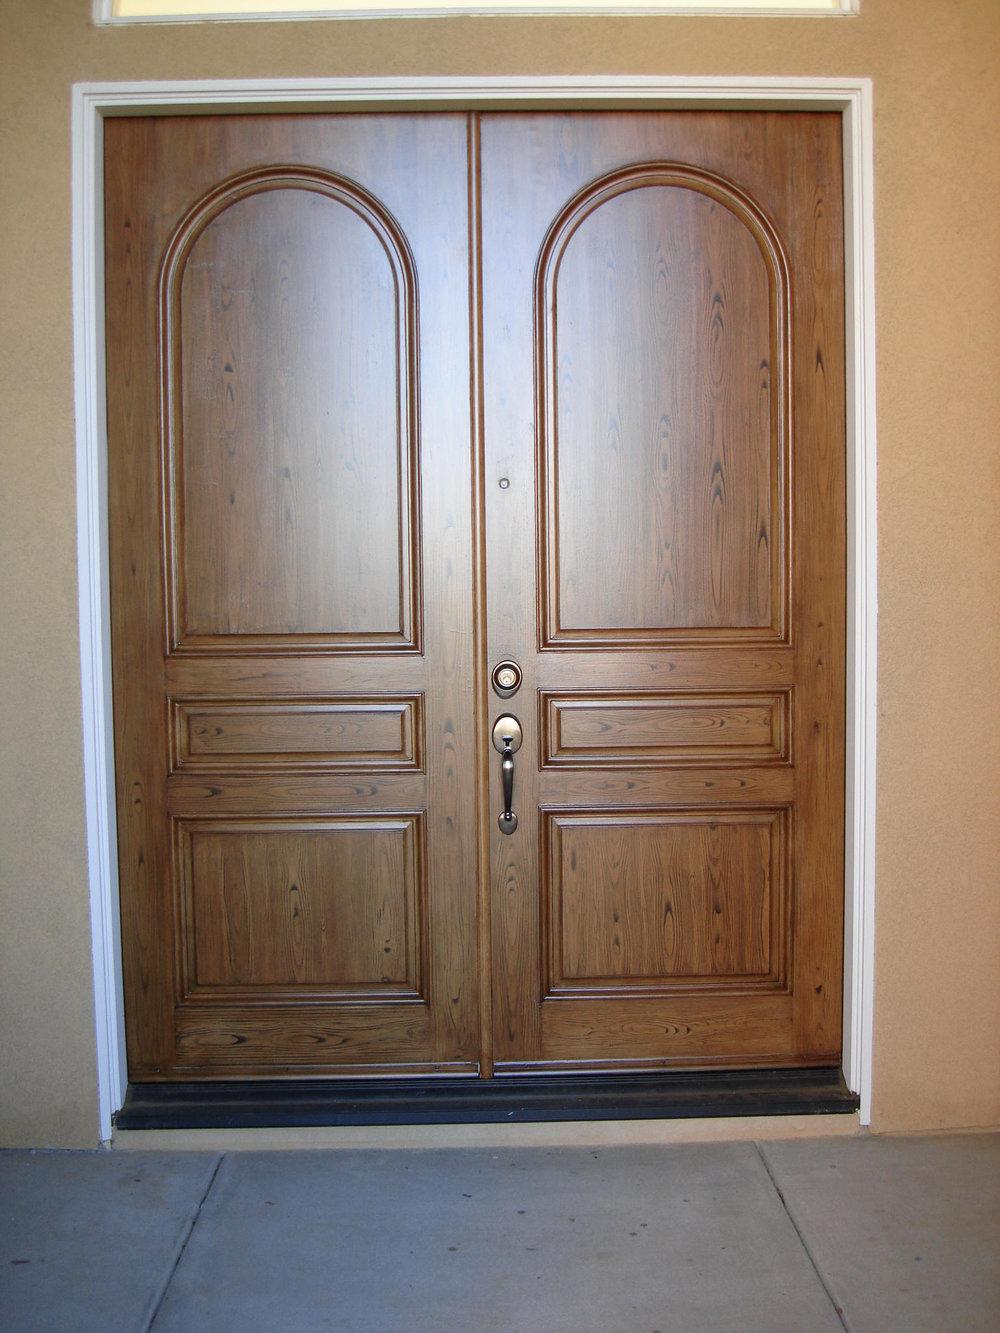 Double_entry_door.jpg